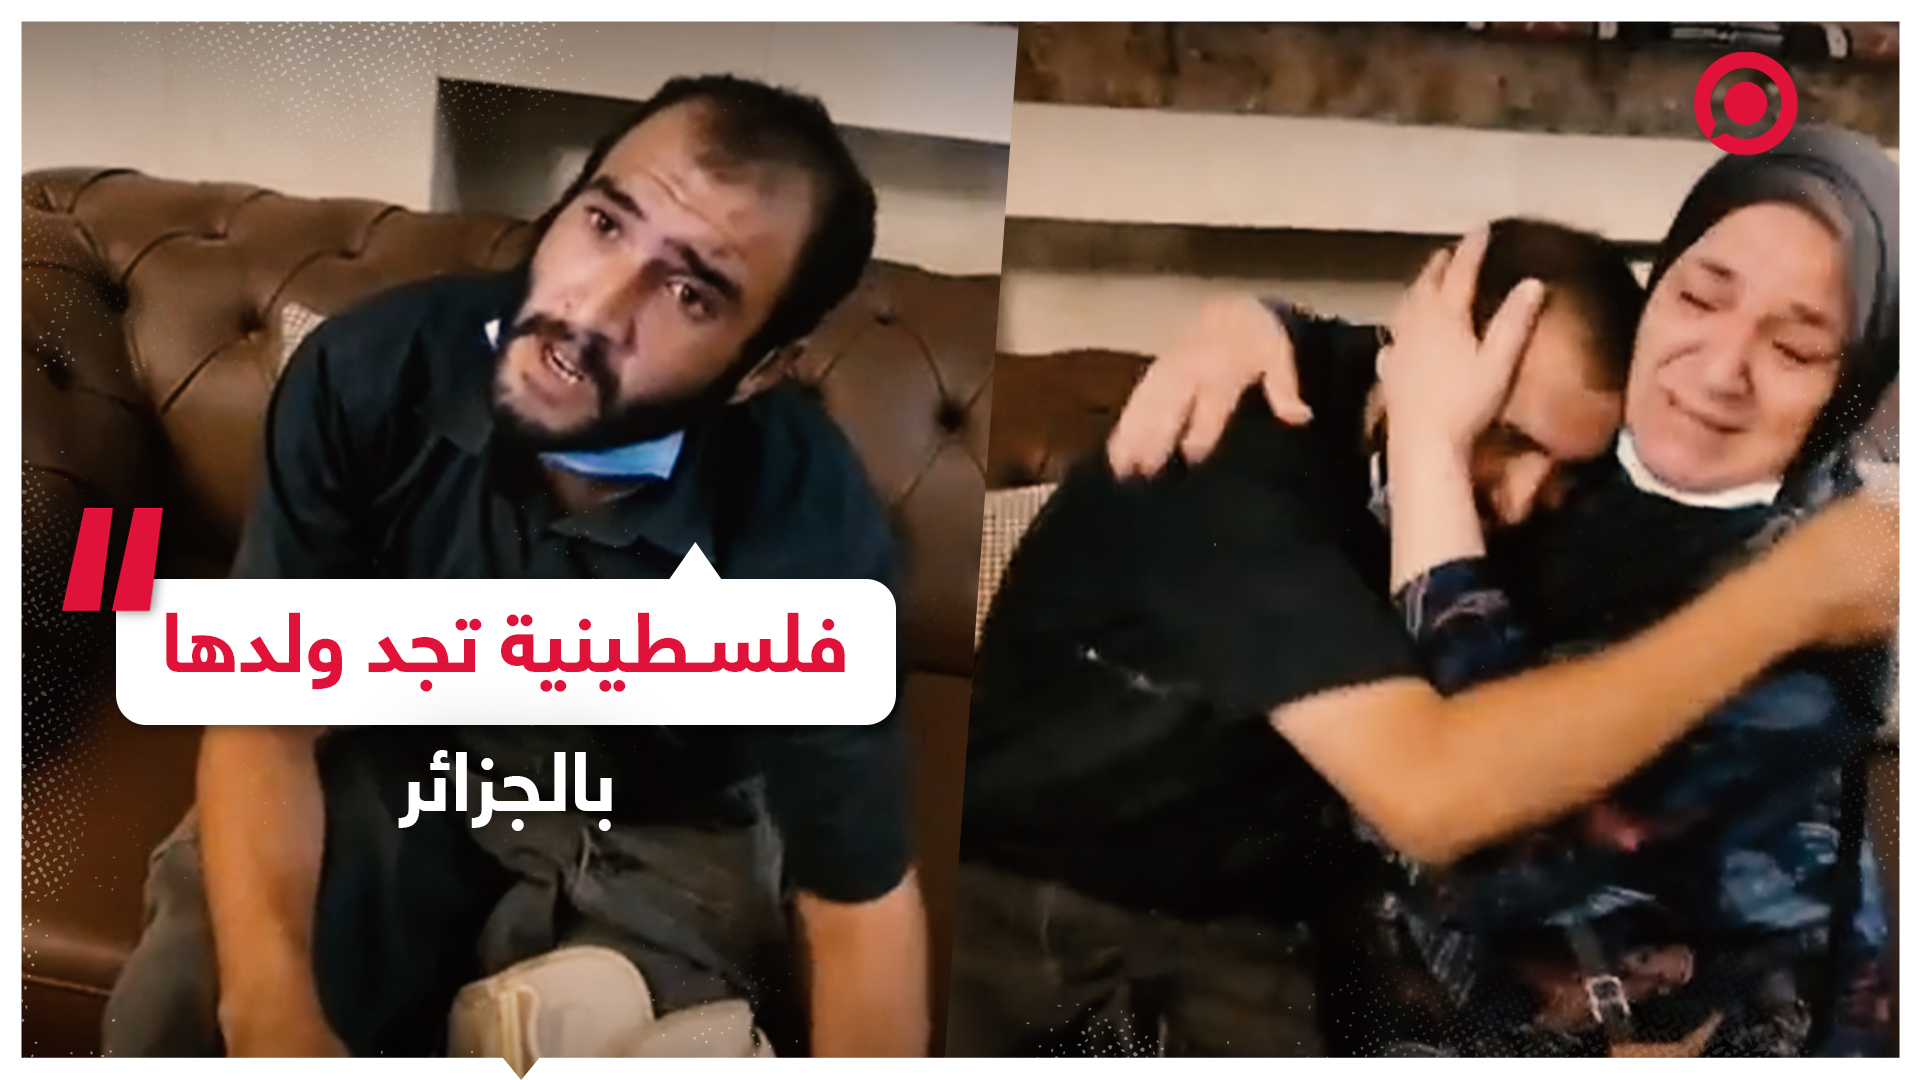 أم فلسطينية تعثرعلى ابنها المفقود منذ عامين في الجزائر